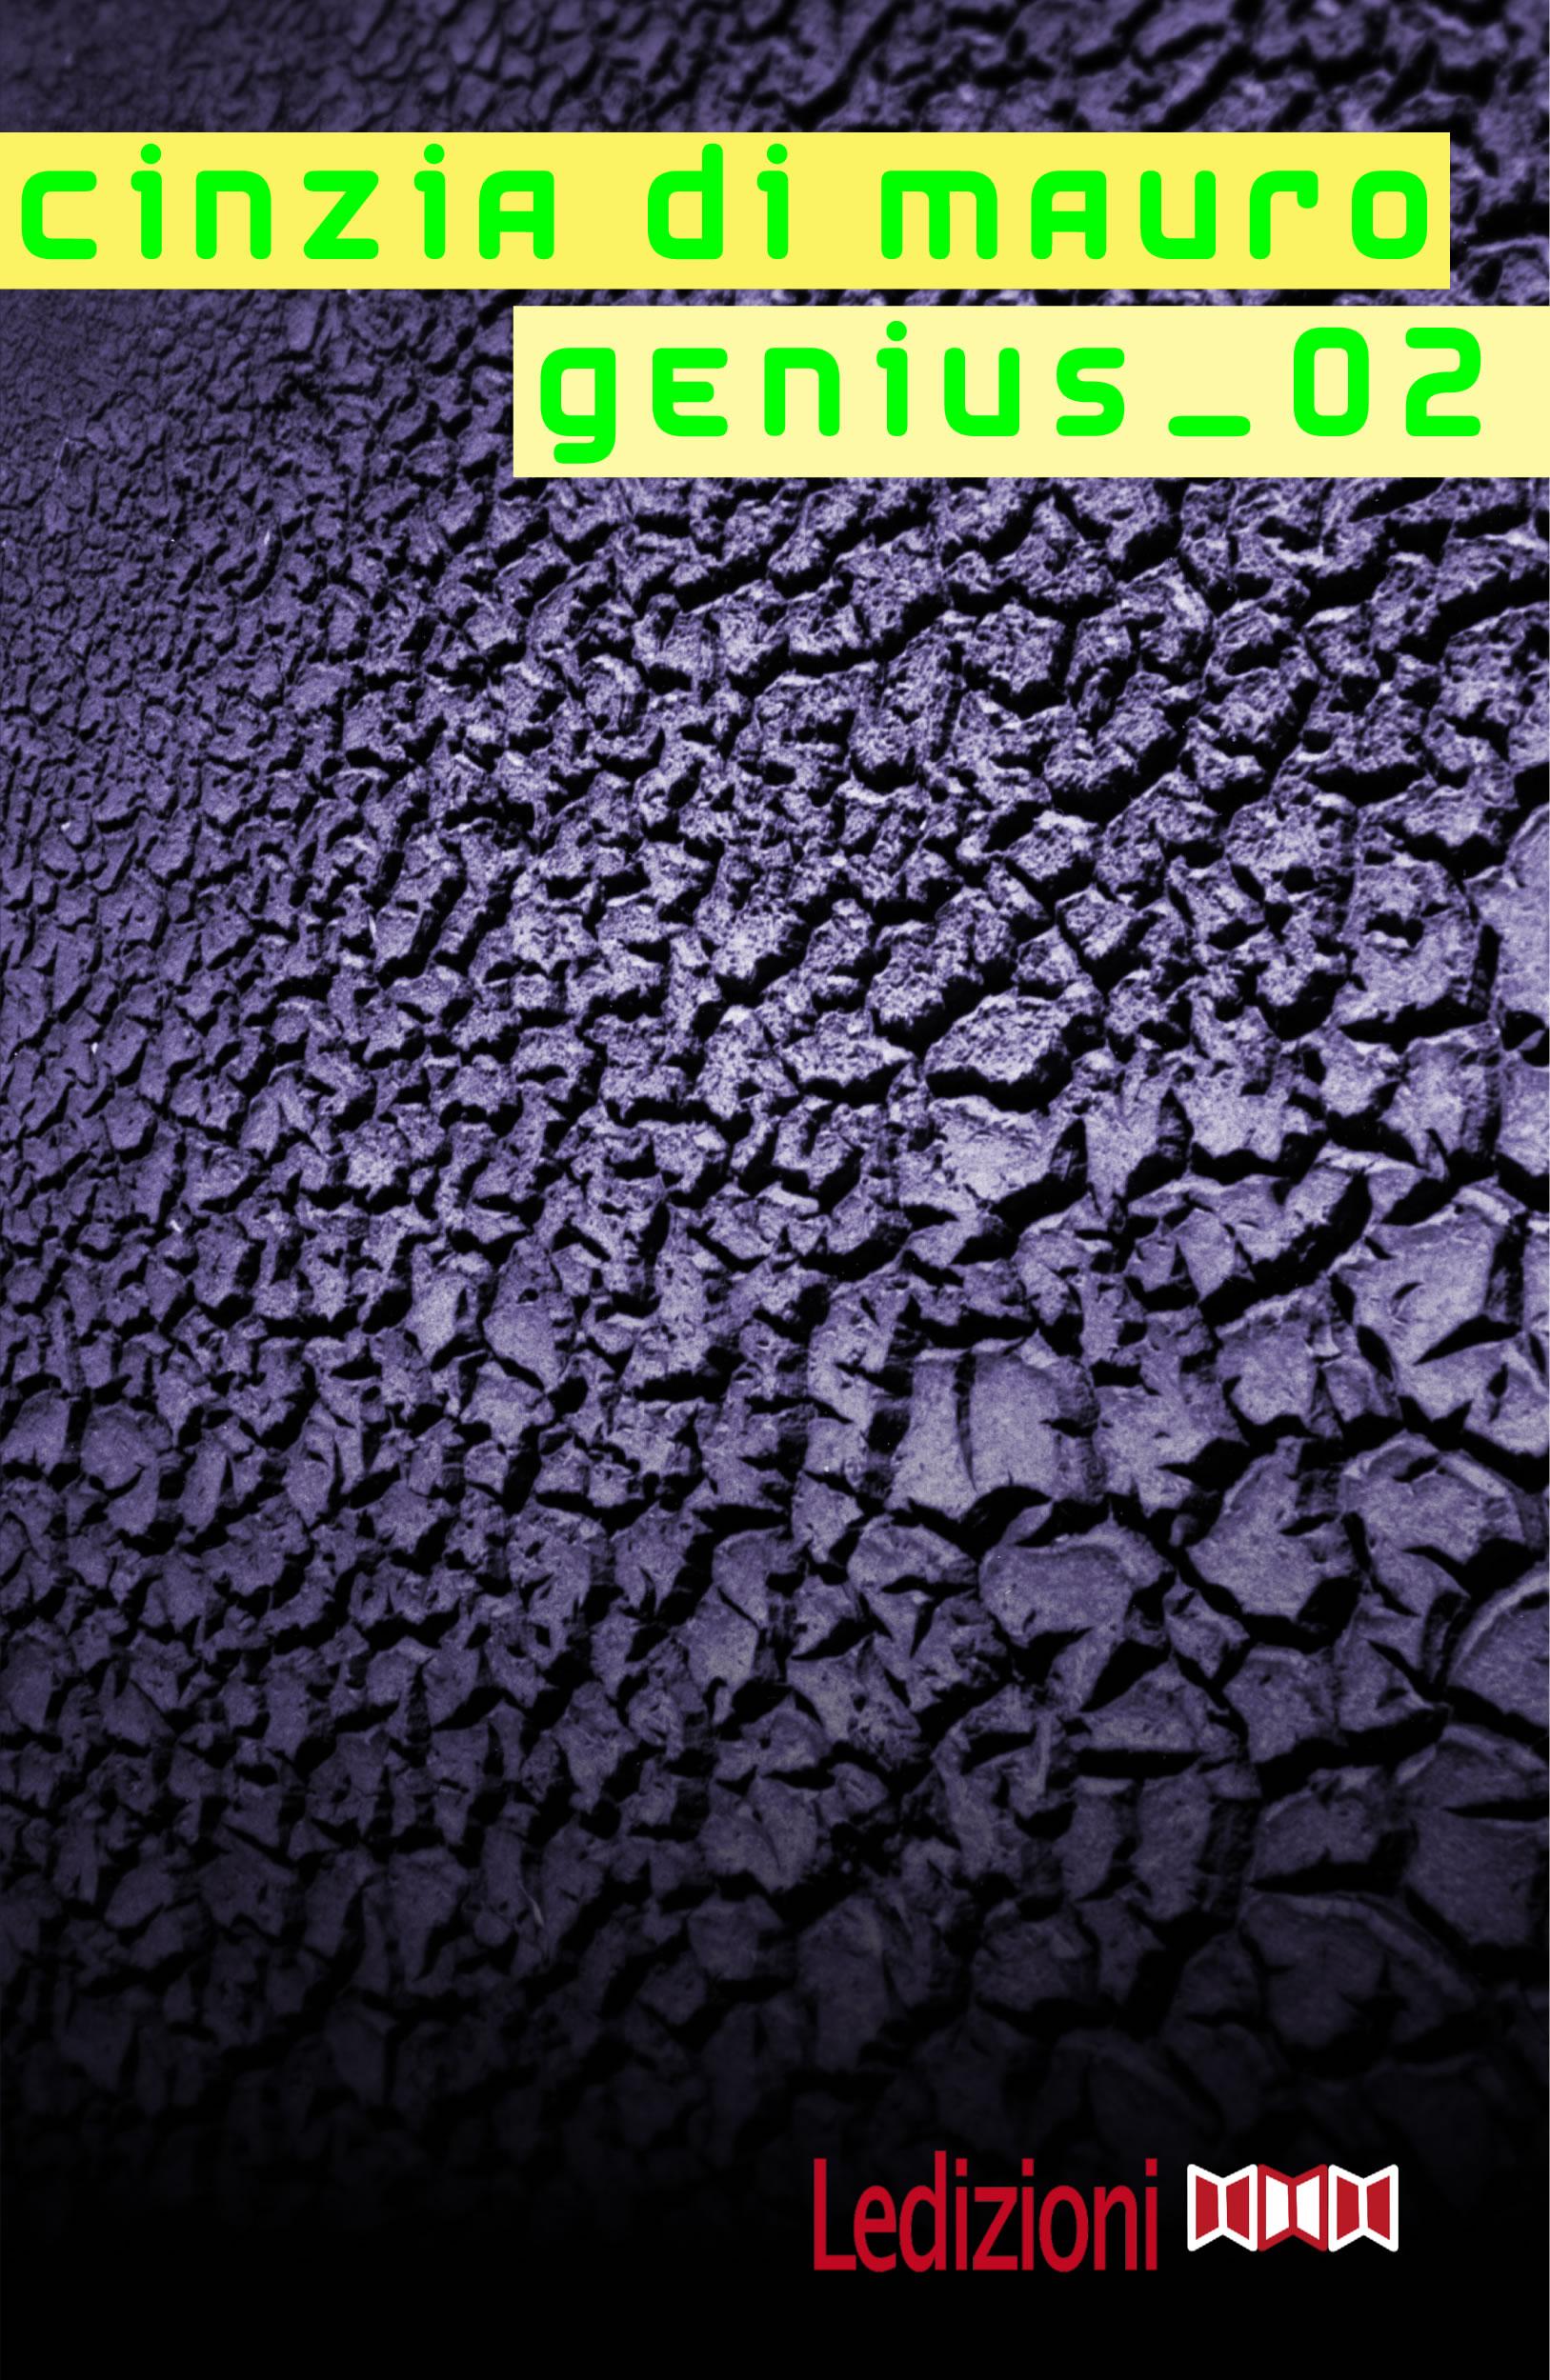 Genius_02 - cover